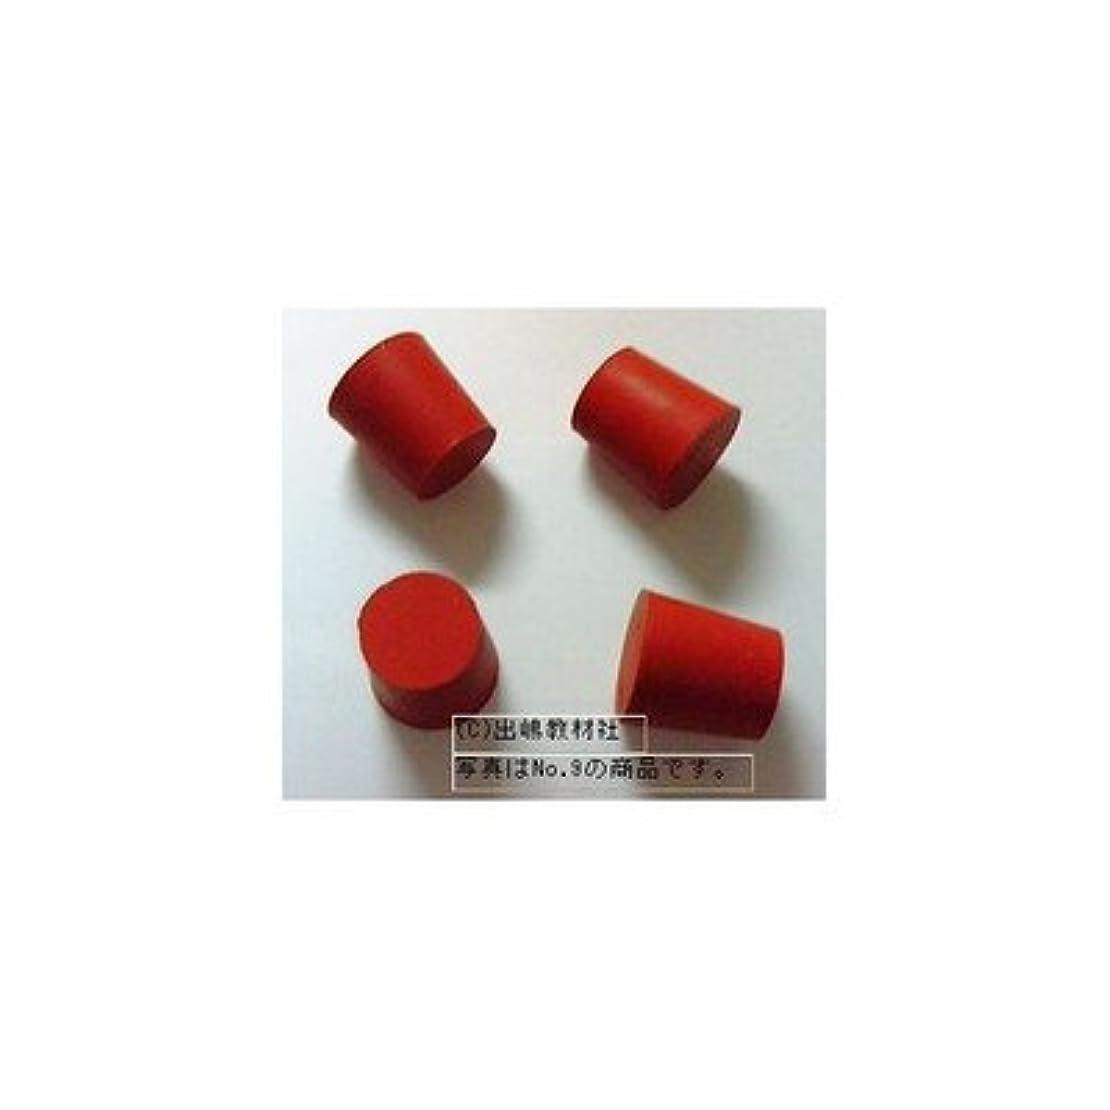 ネクタイまとめるいっぱい赤ゴム栓 No.14 (1個)